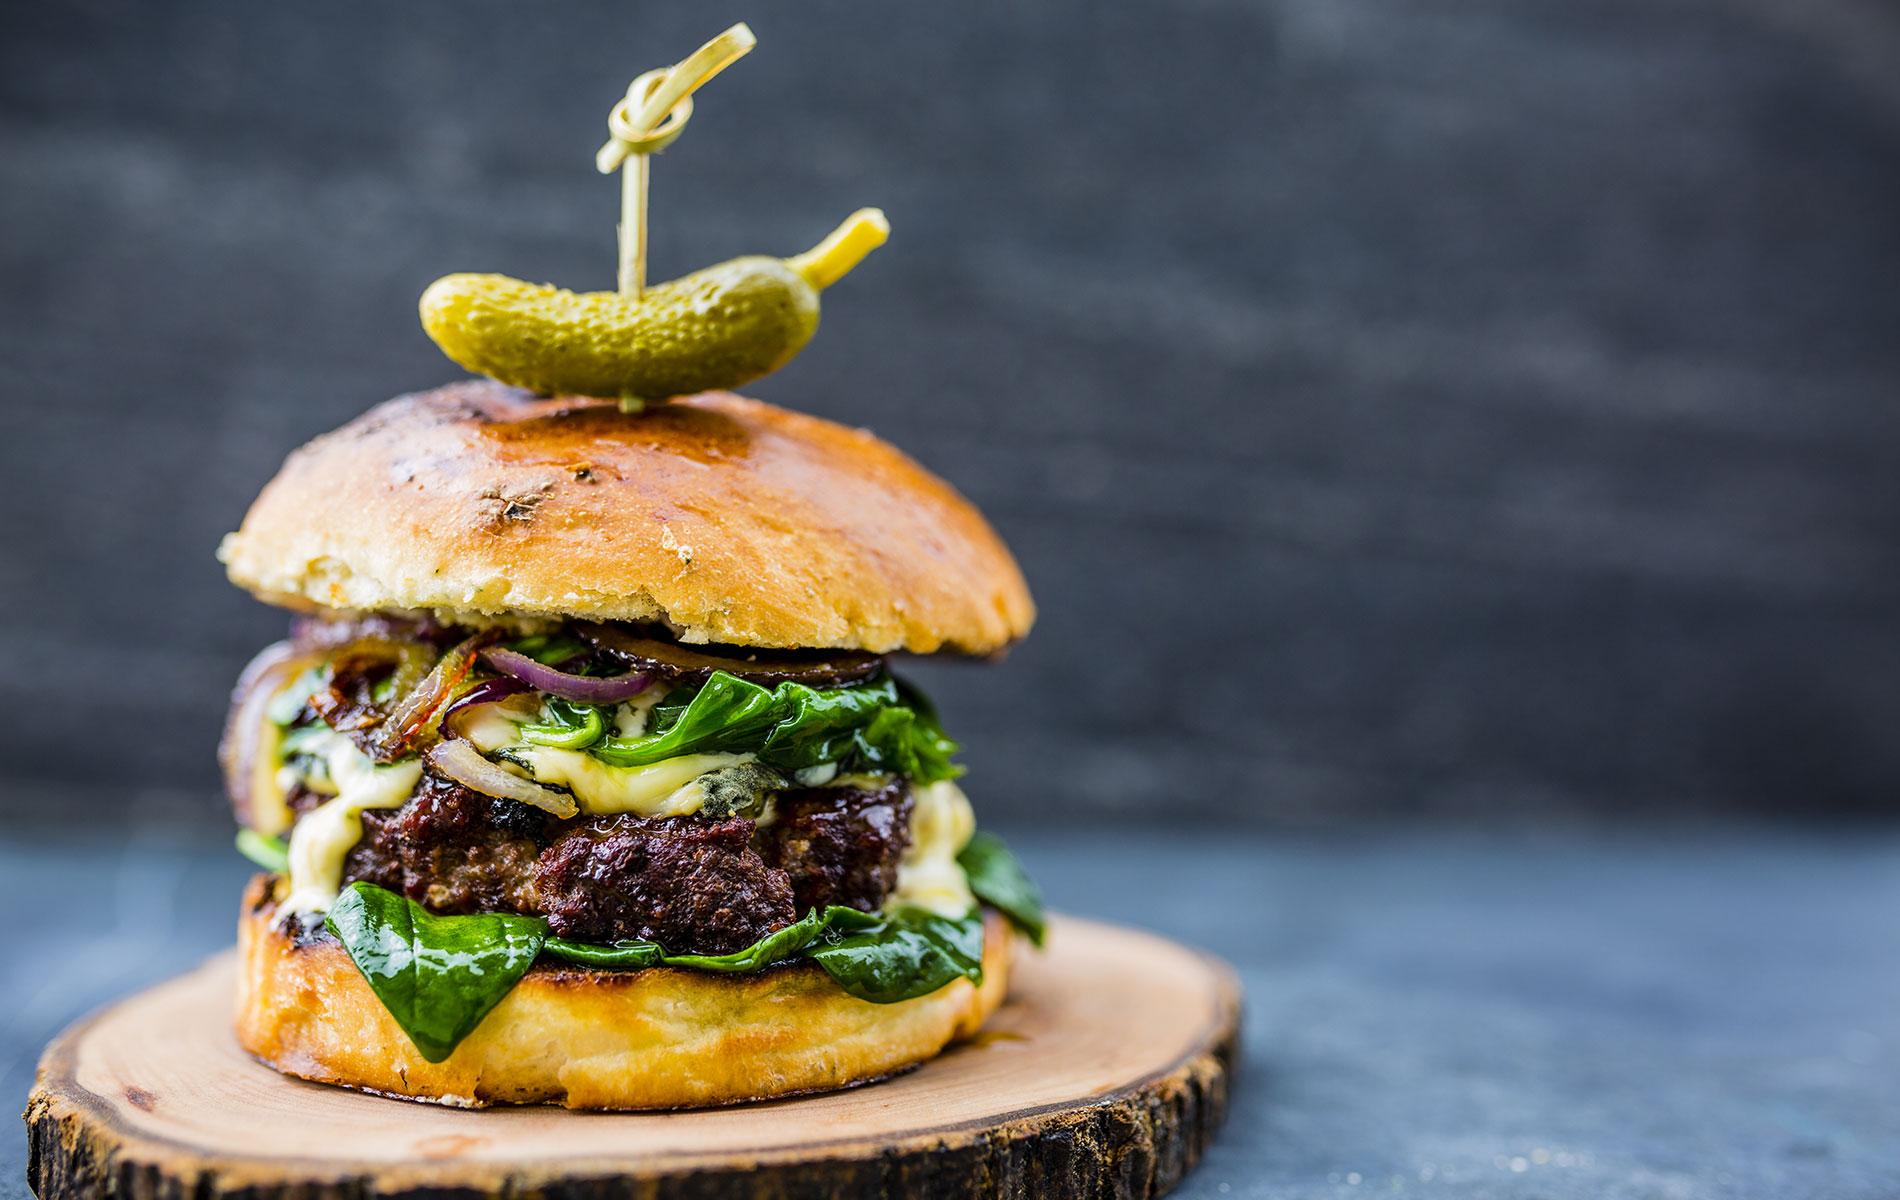 Sword-surgelati-hamburger-gourmet